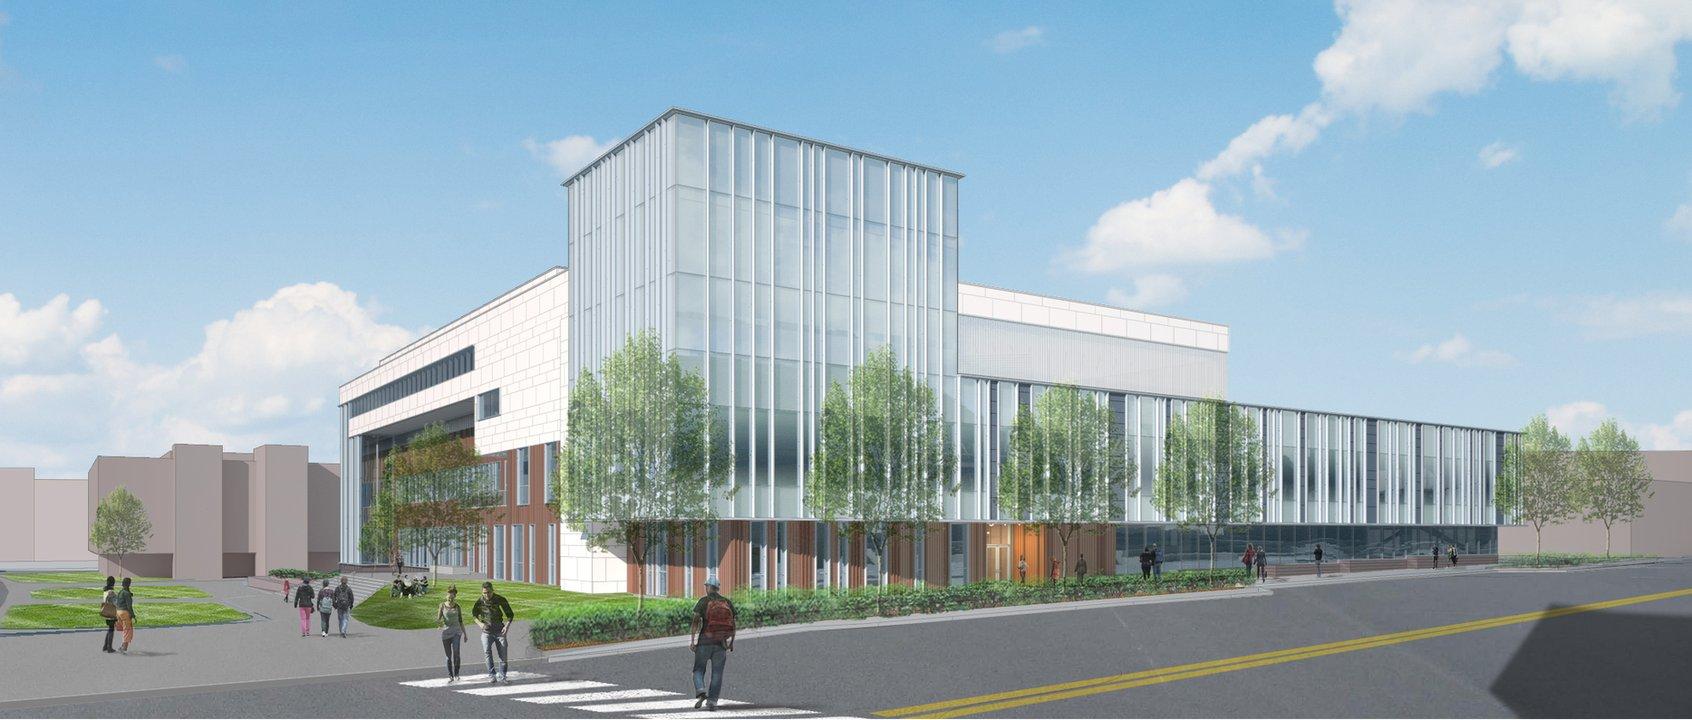 UConn Student Recreation Center